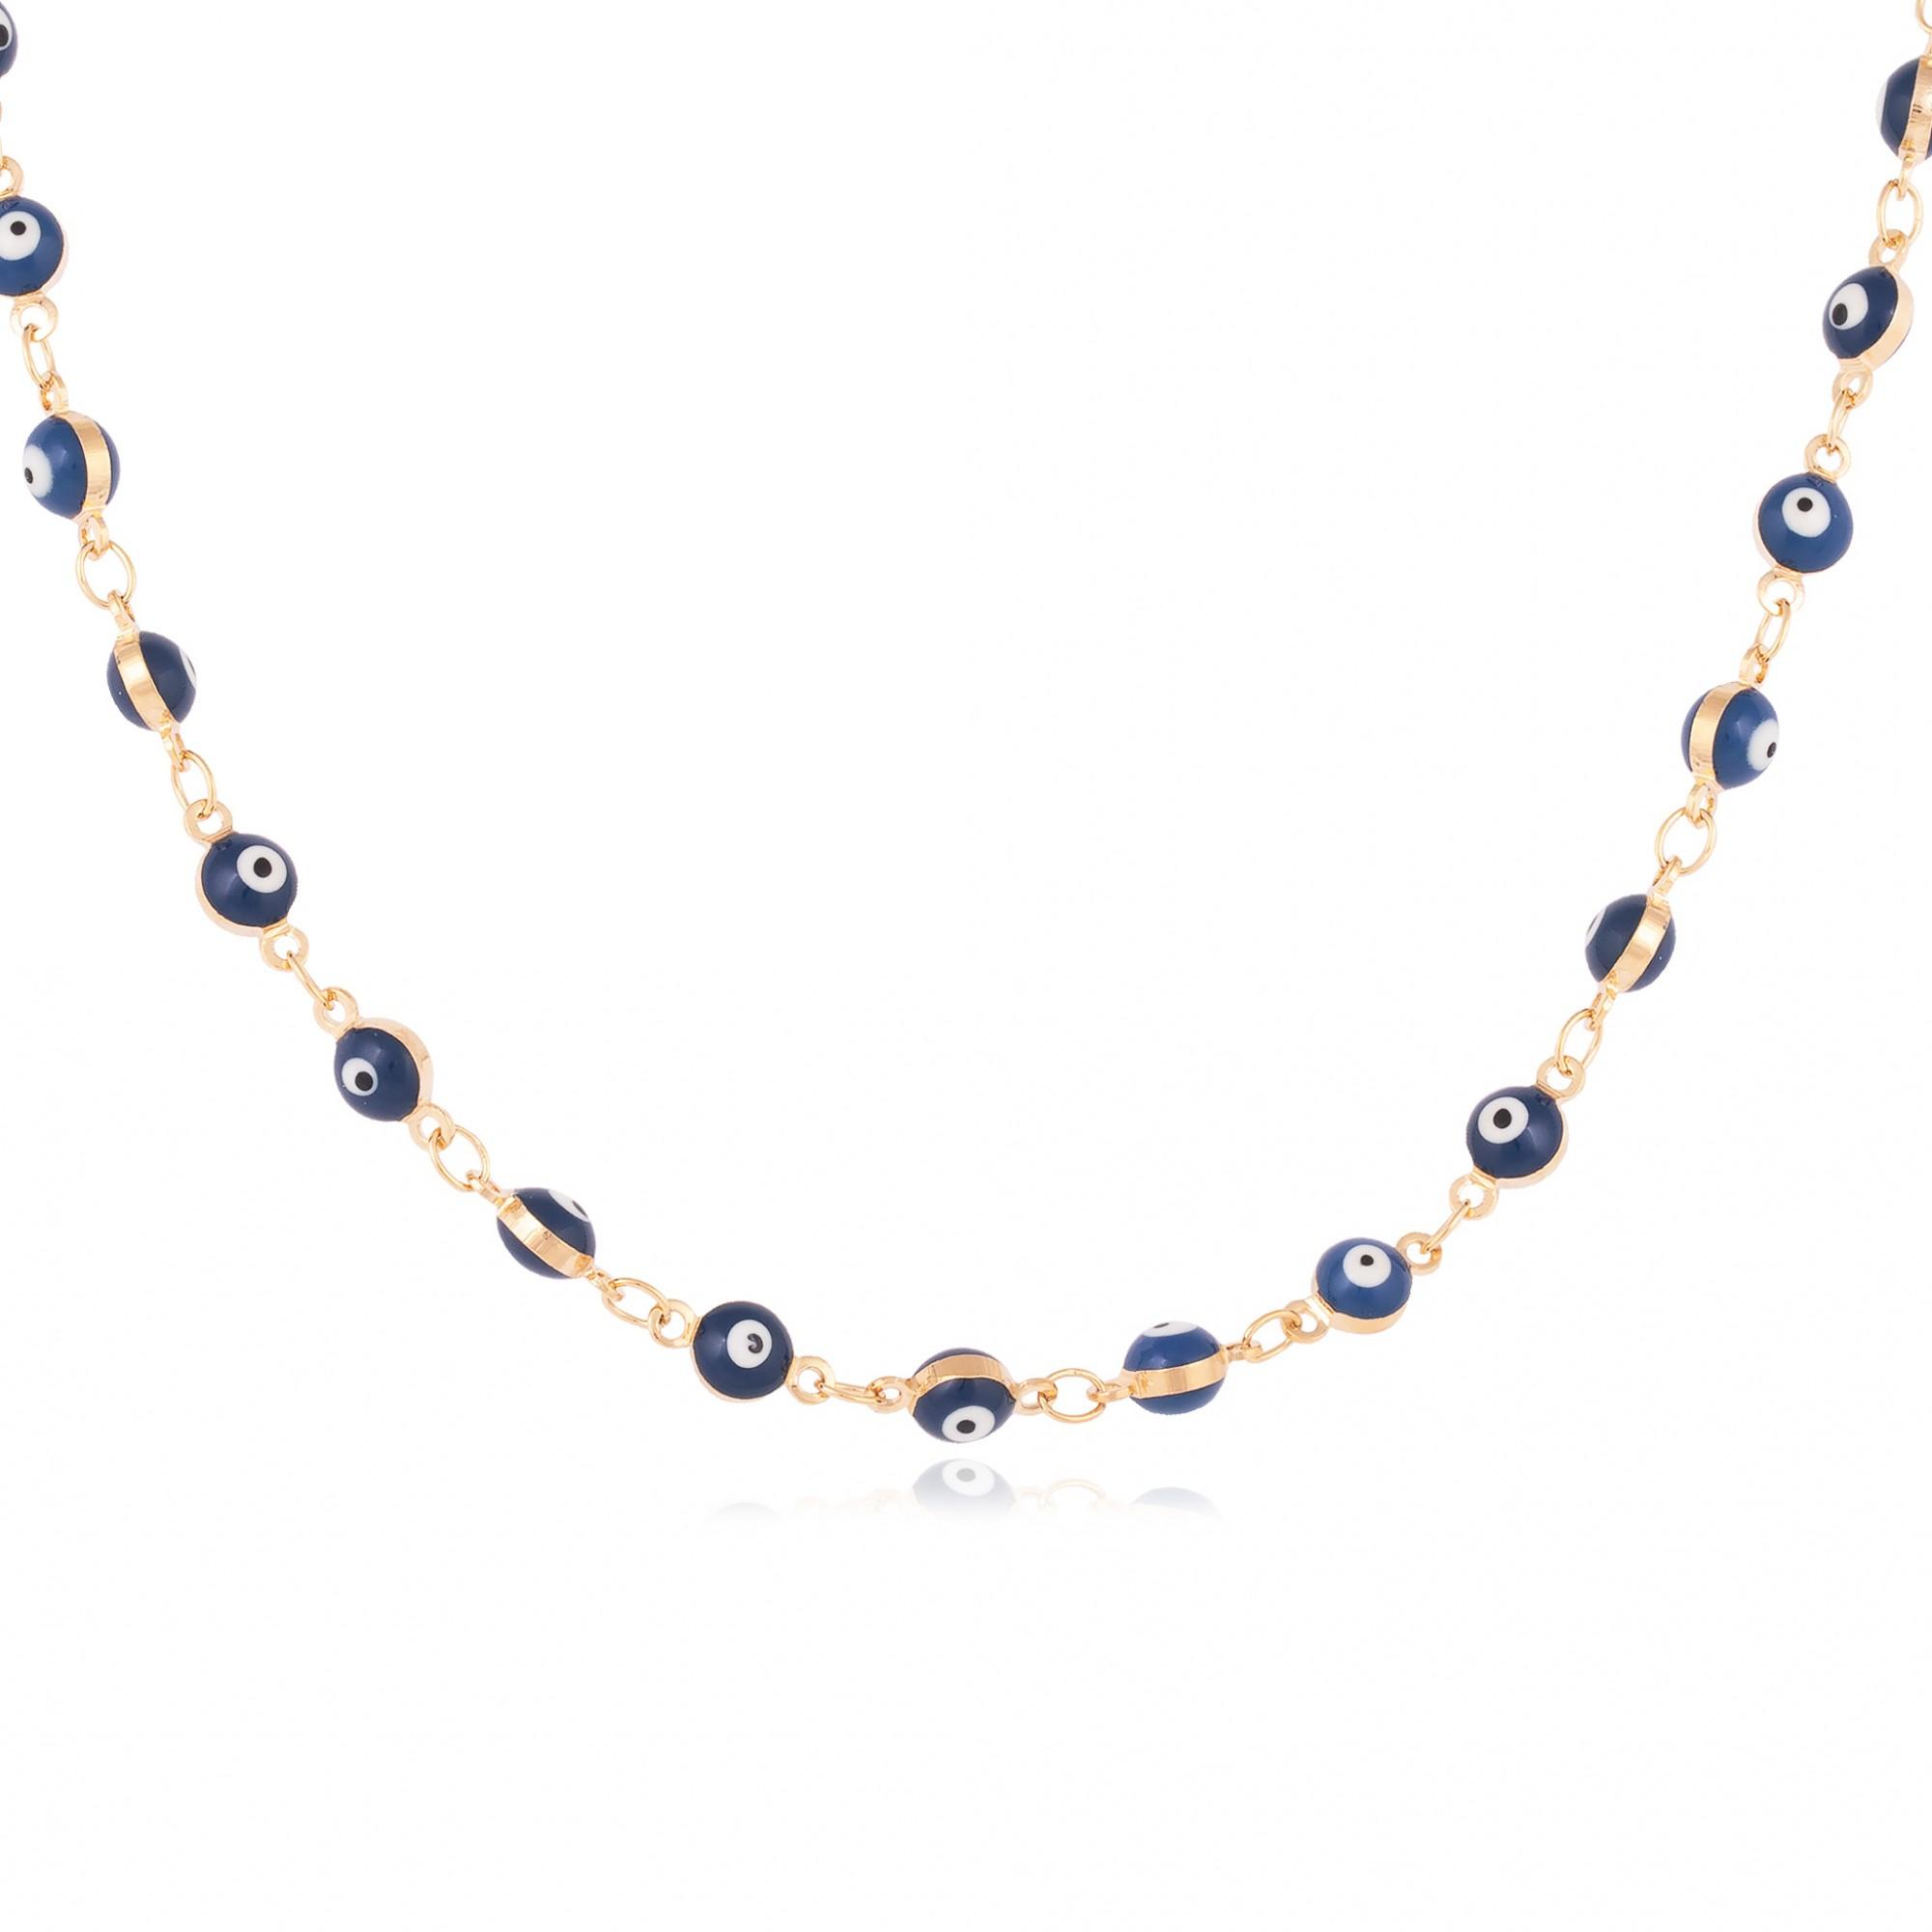 Colar choker olho grego azul escuro banhado a ouro 18k.  - romabrazil.com.br